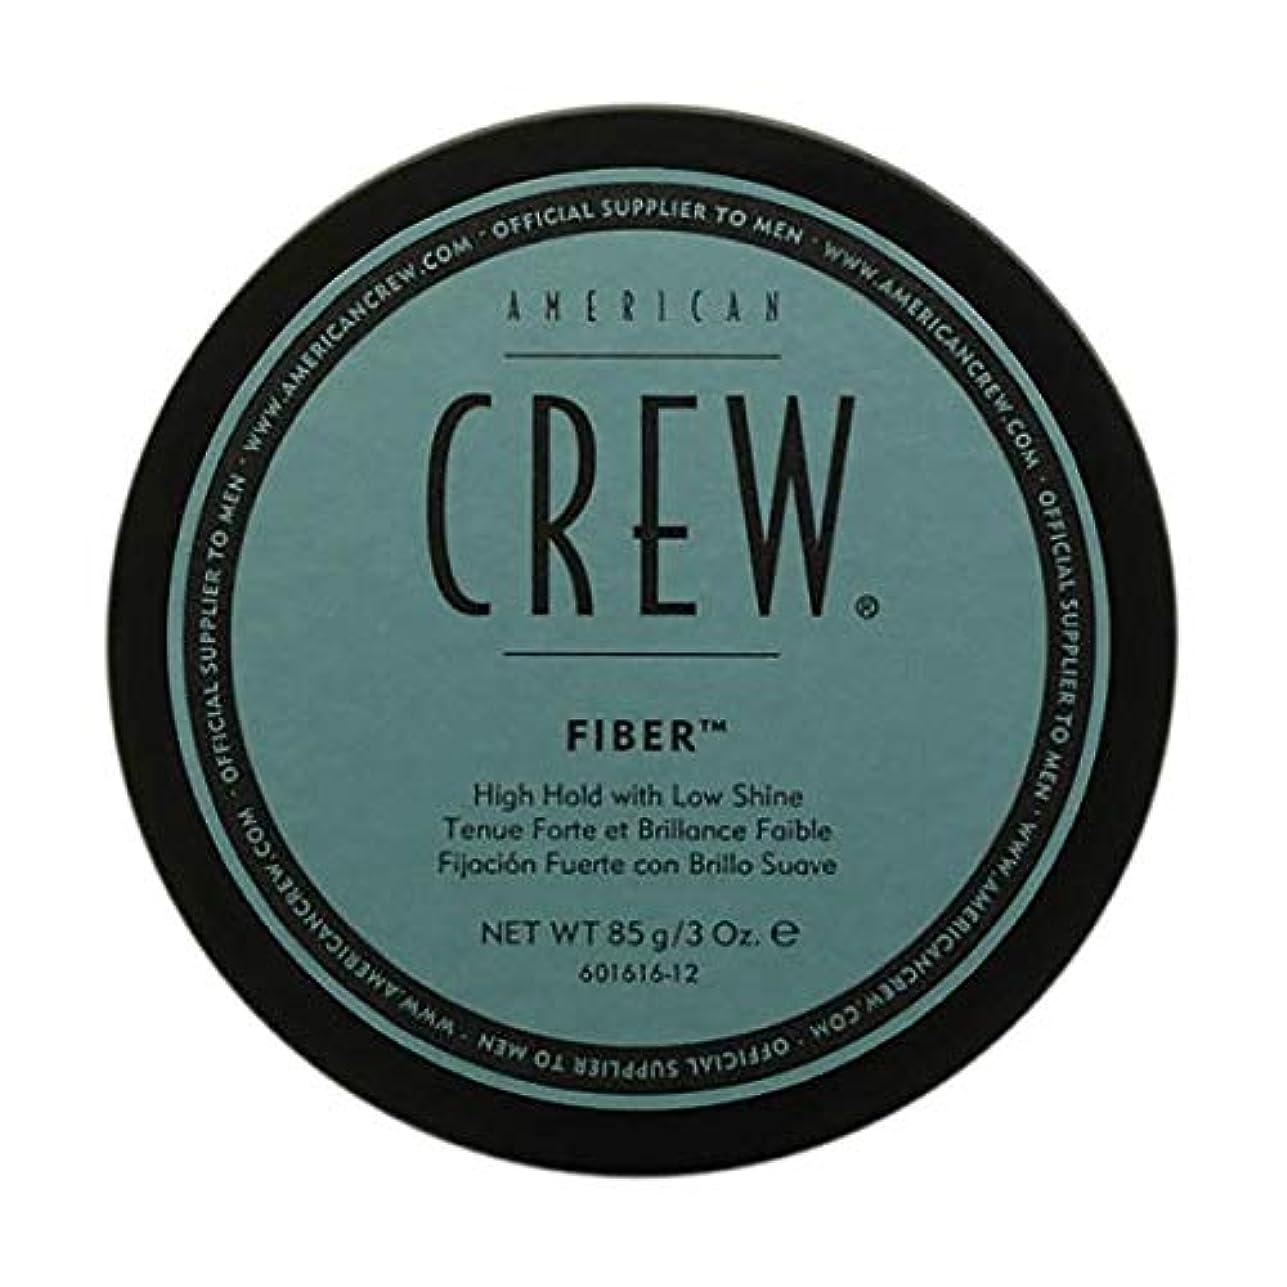 チェスラバ保存アメリカンクルー クラシック ファイバー American Crew Fiber 85g [並行輸入品]